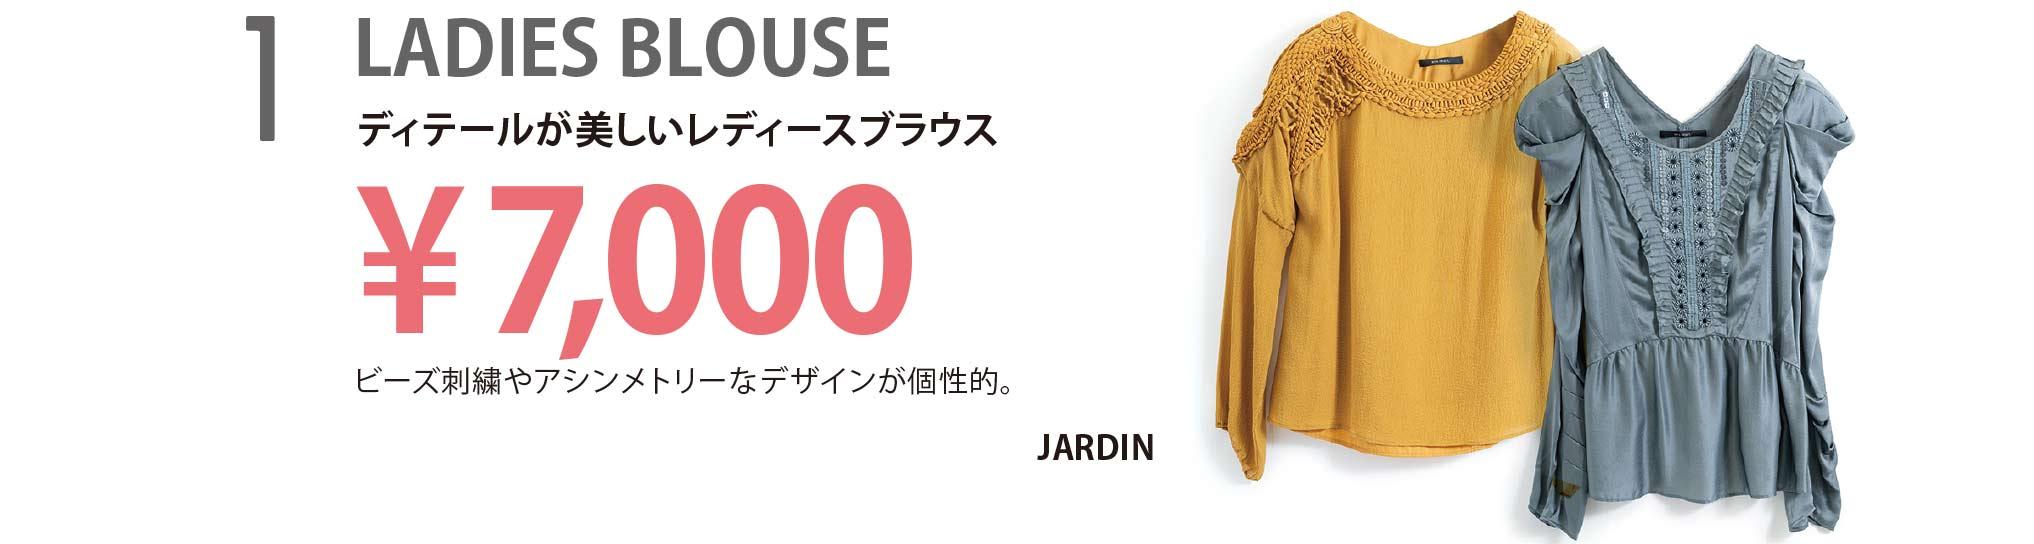 LADIES BLOUSE ¥7,000 ディテールが美しいレディースブラウス